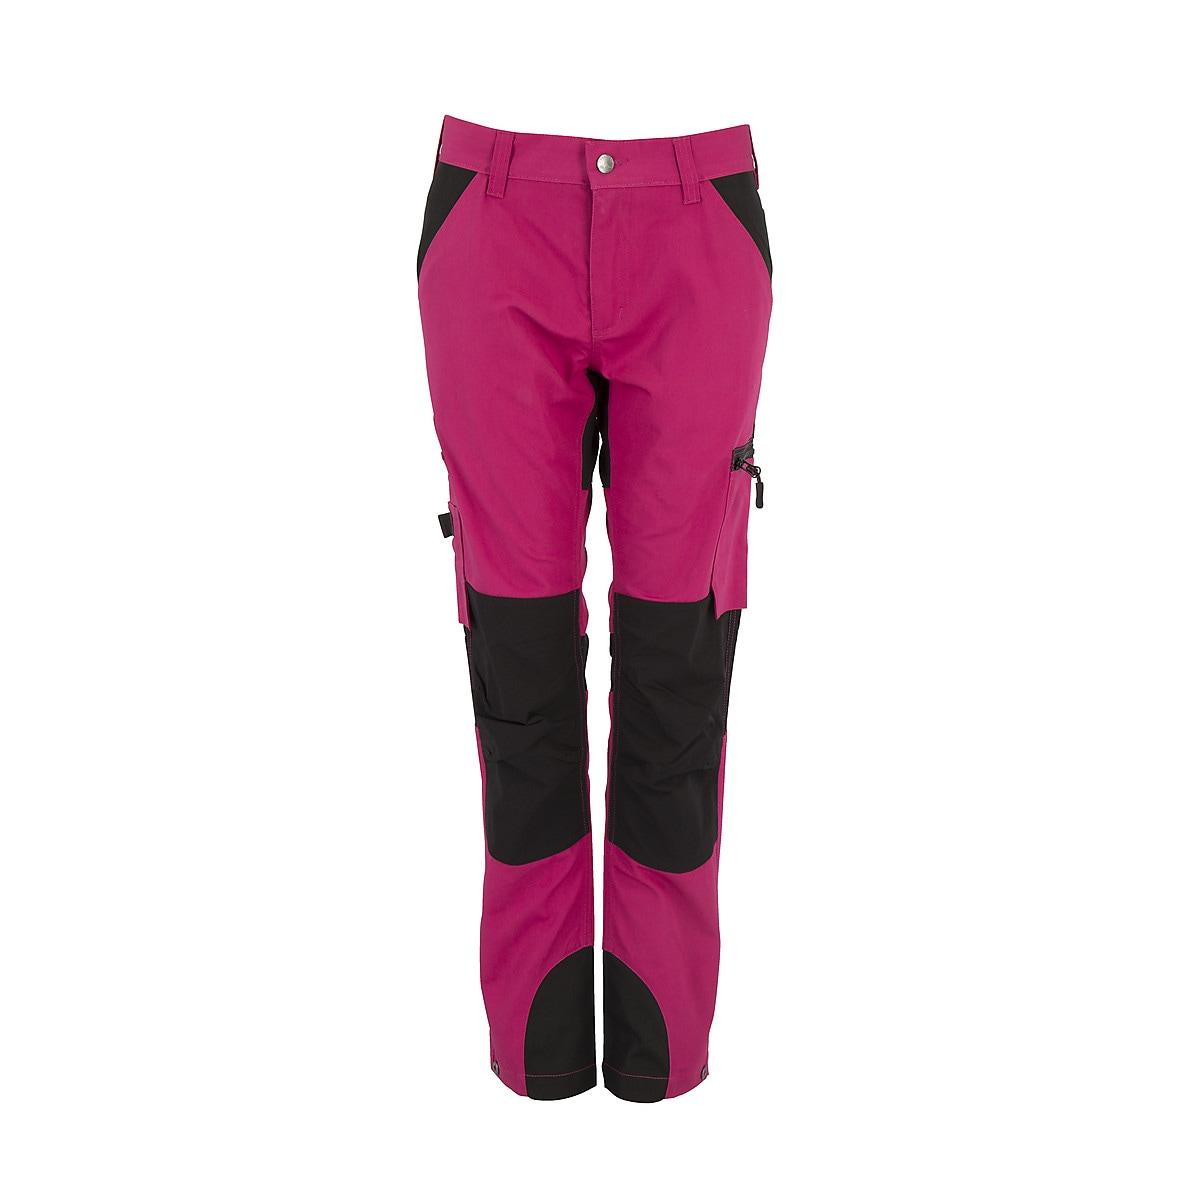 Arbetsbyxor stretch dam, rosa